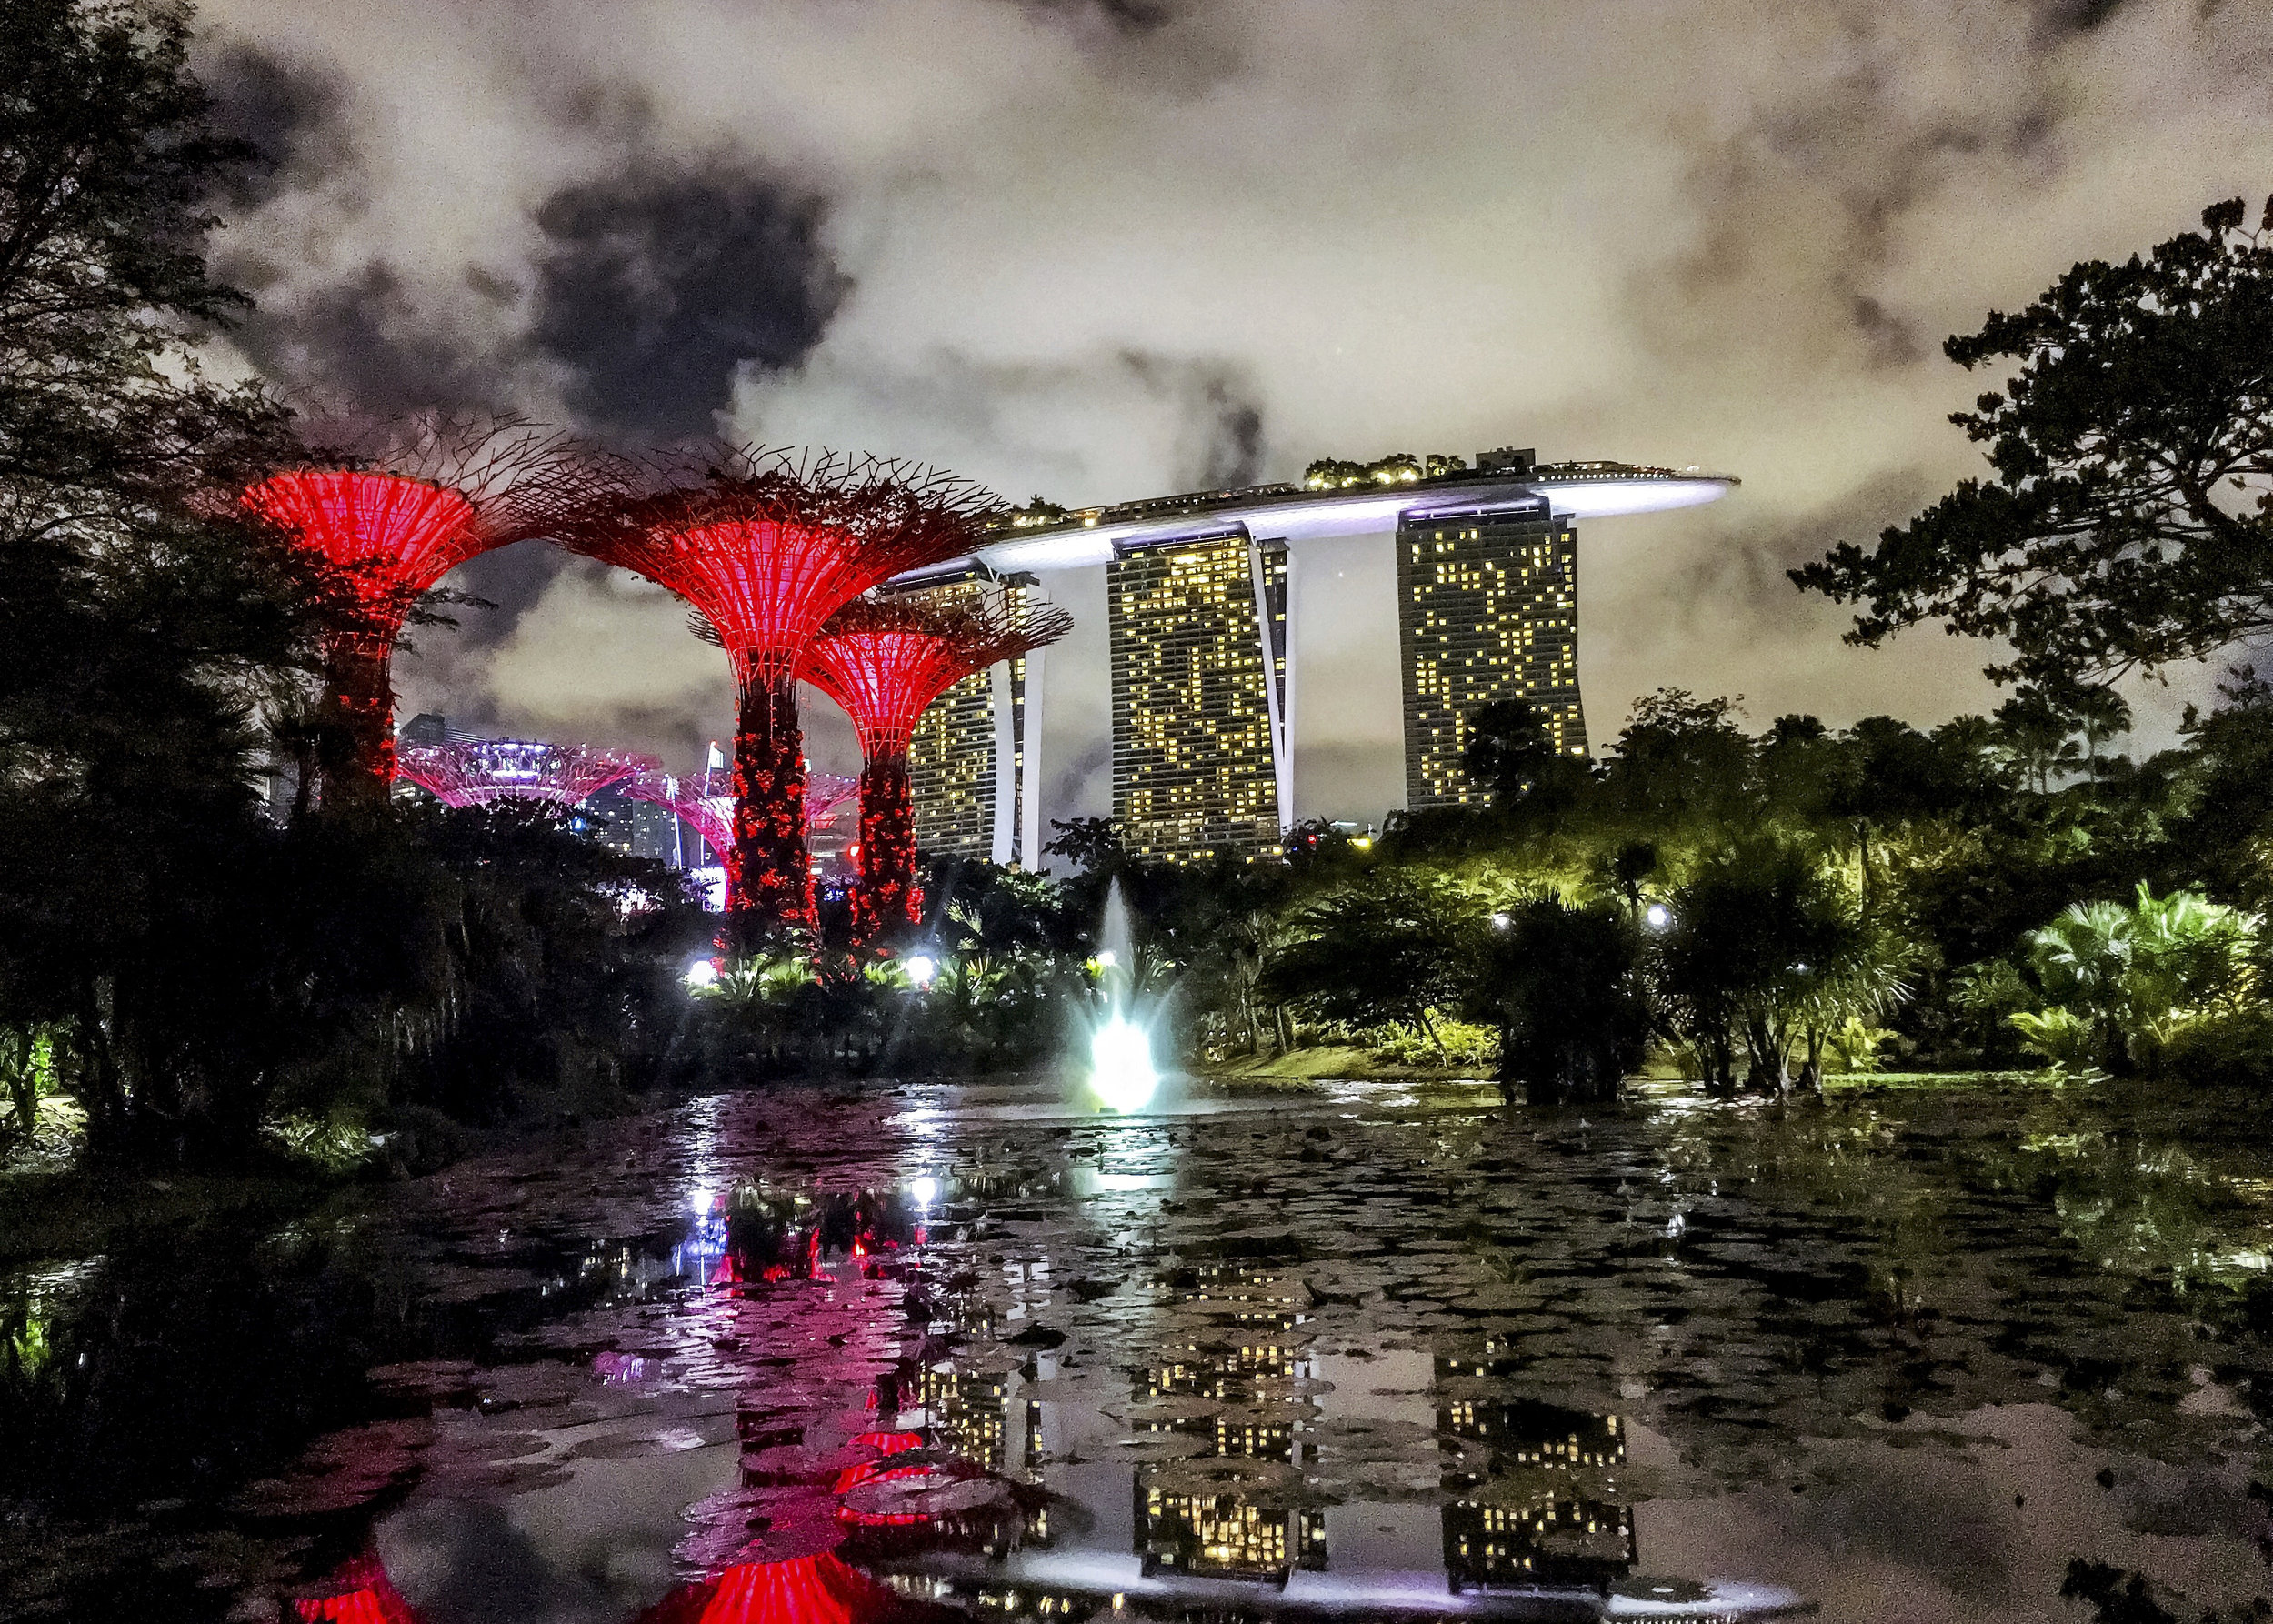 SINGAPORE - Republic of